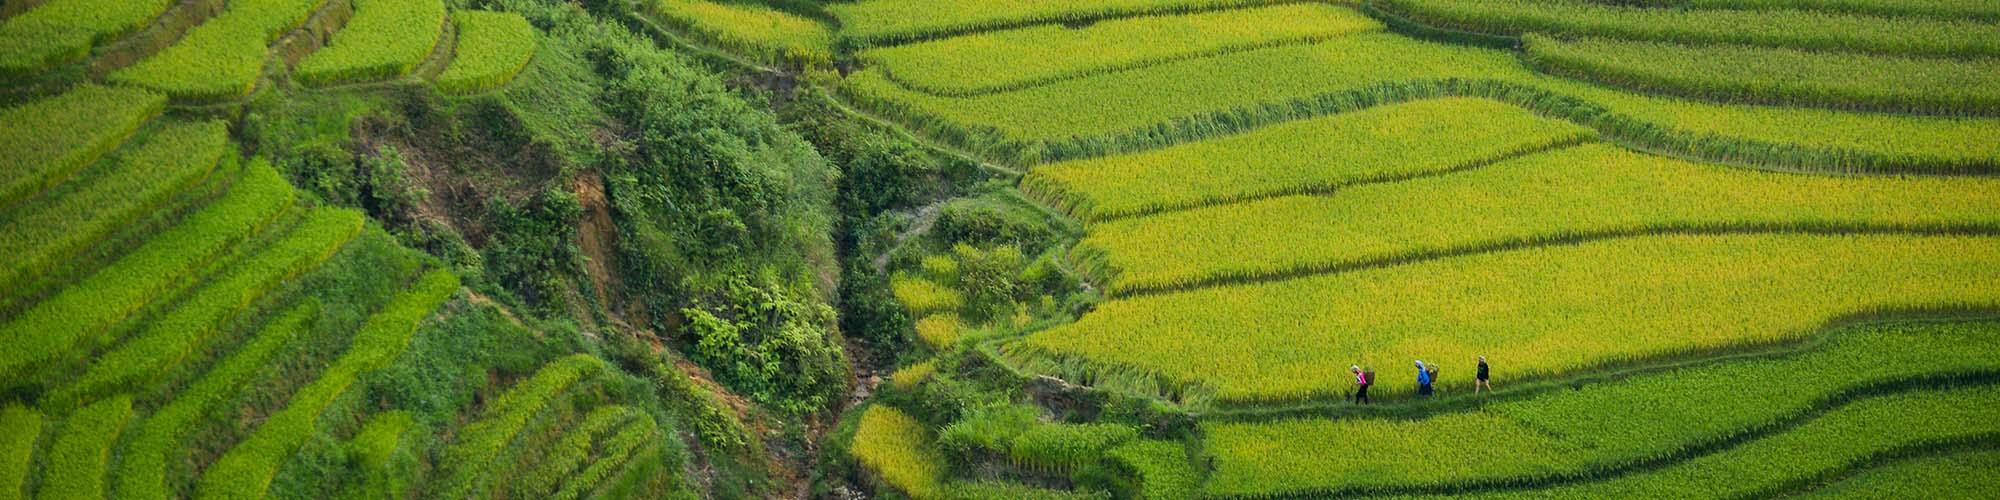 Plantation, Riz, Vietnam, Doan Tuan